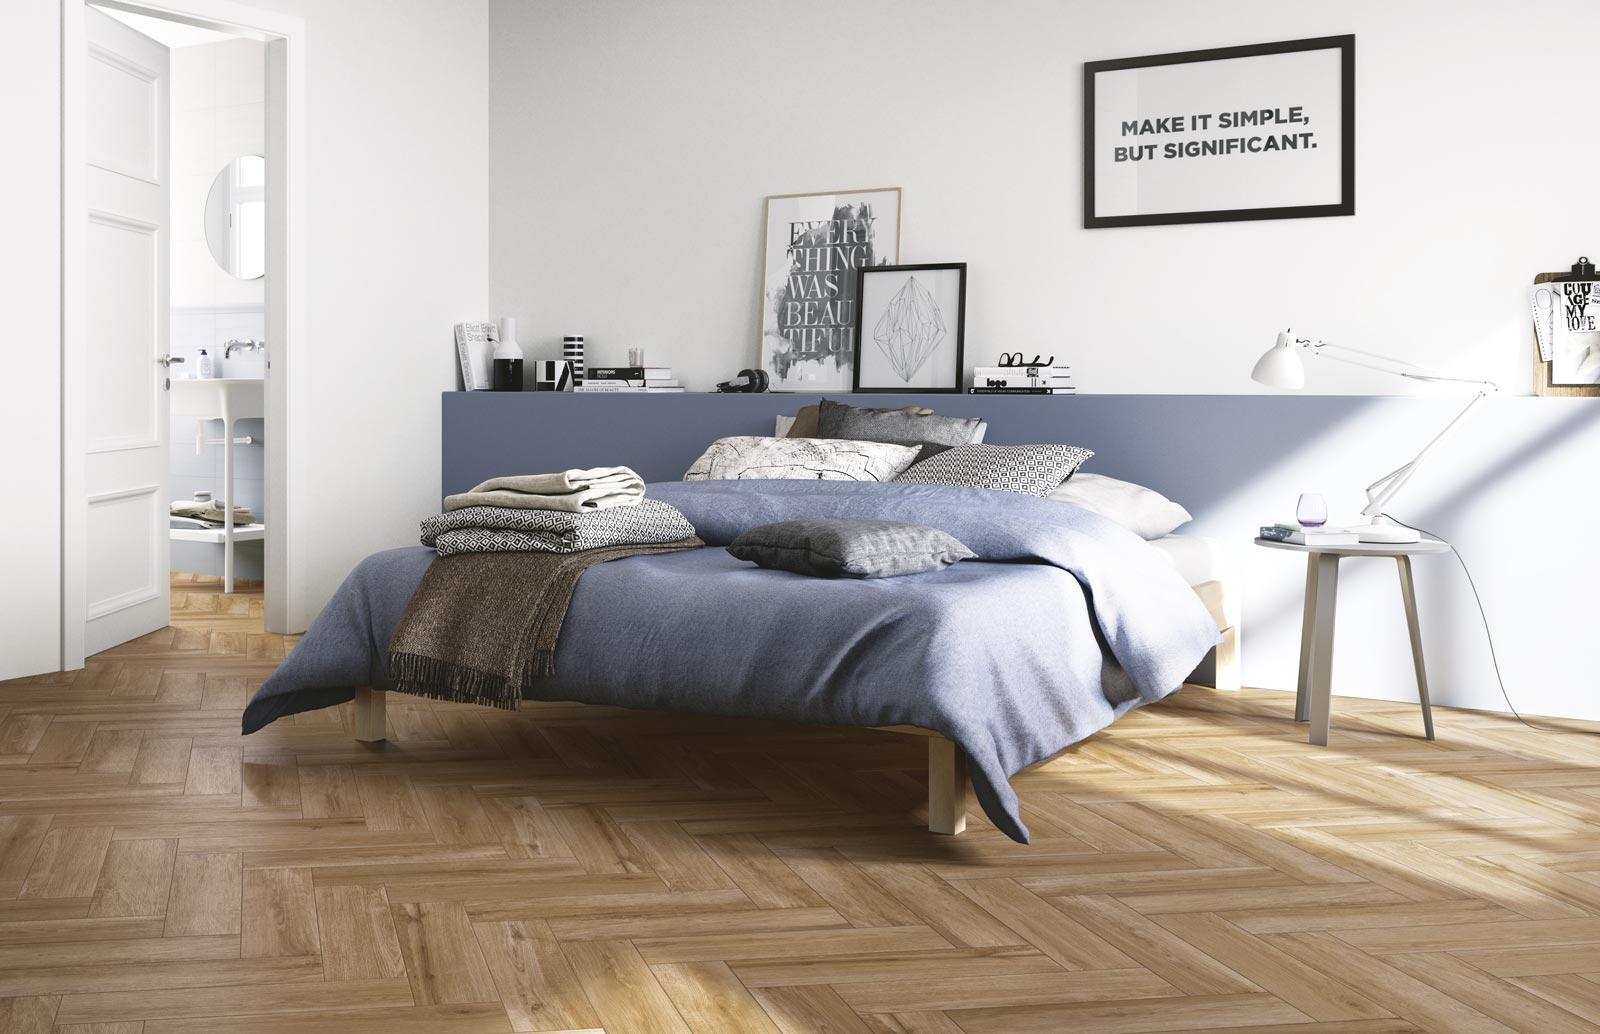 Piastrelle per camera da letto u2013 galleria di immagini domestiche